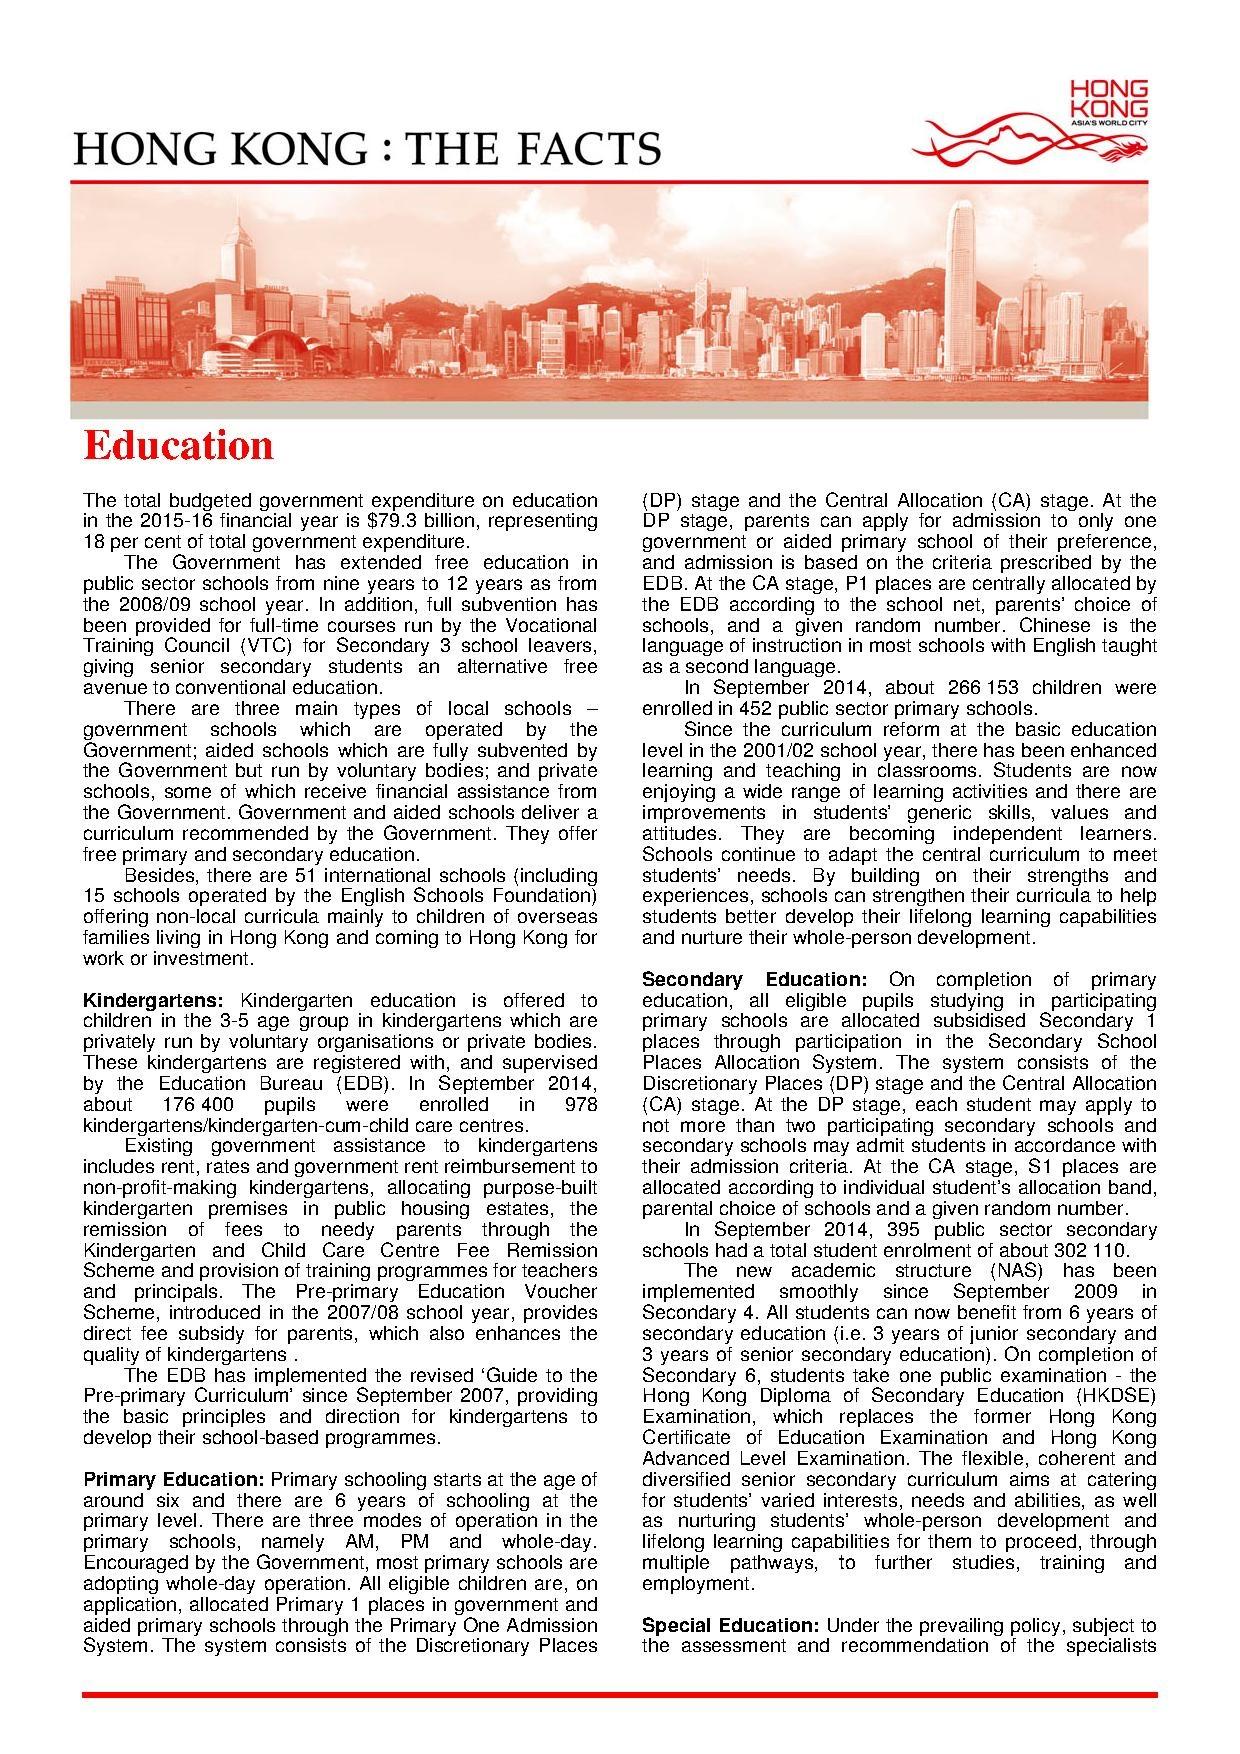 pdf of spain fact sheet